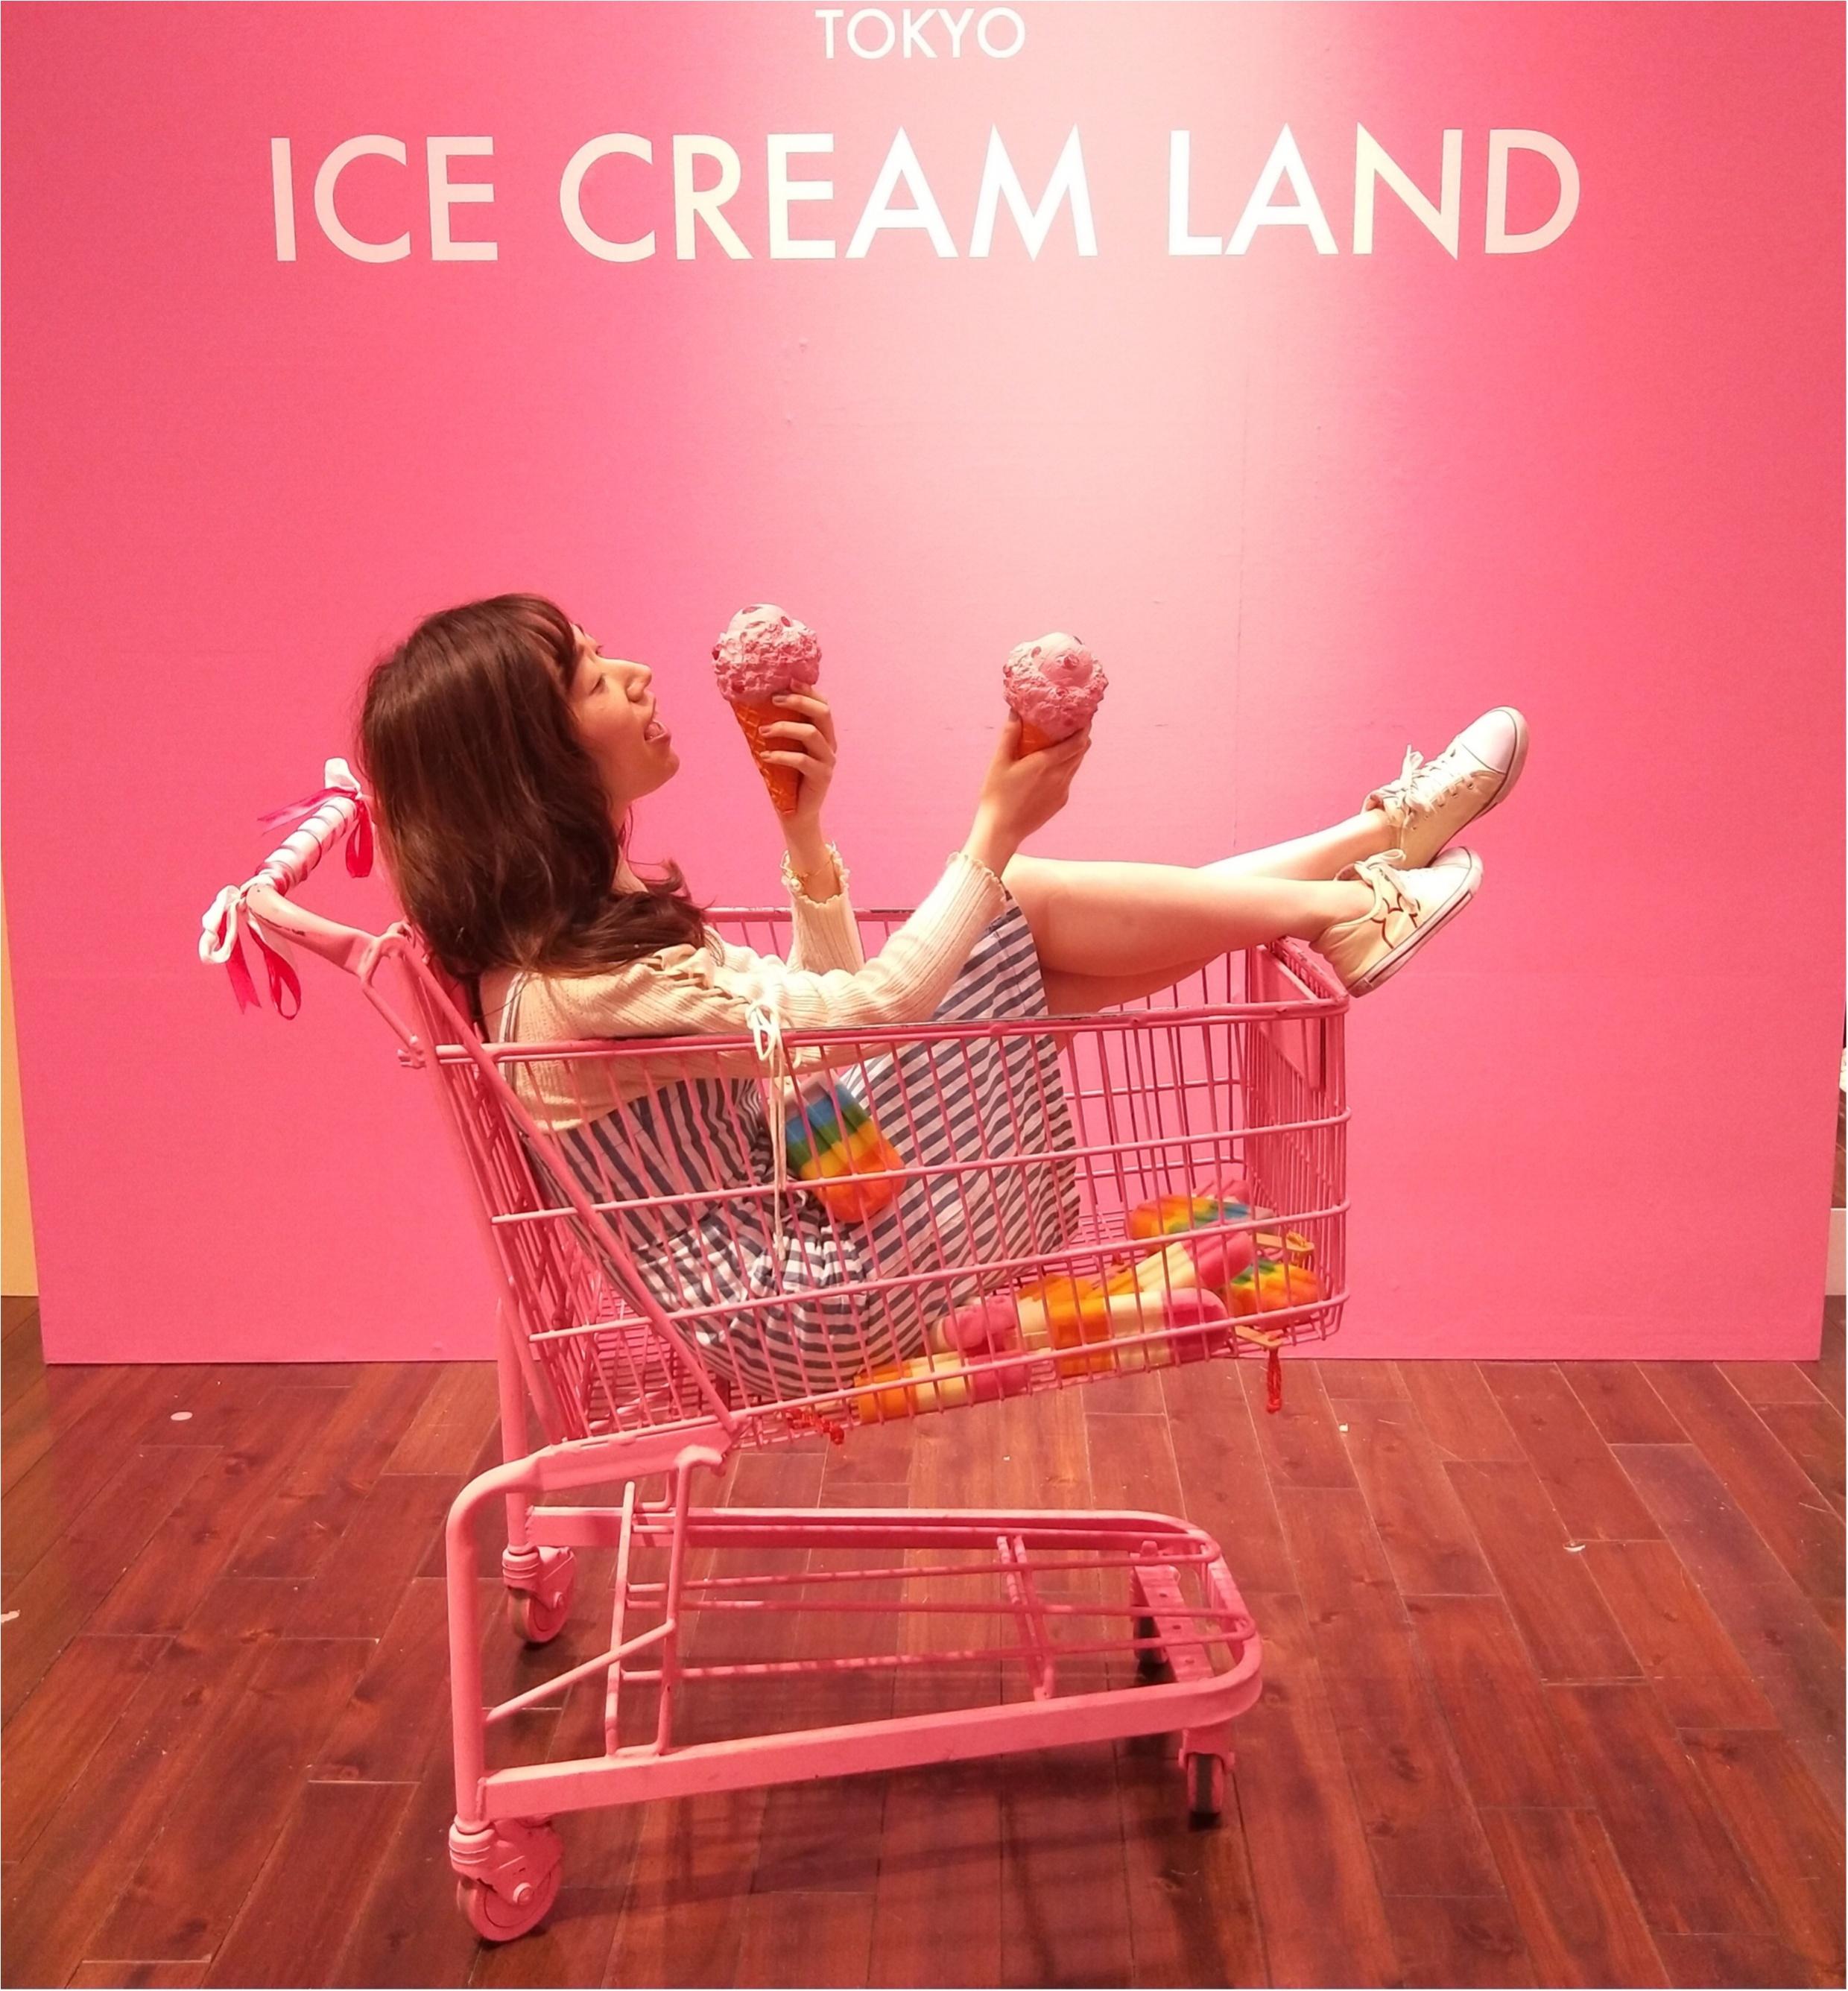 アイスクリームの夢の国「ICE CREAM LAND」でフォトジェニック空間を満喫♡横浜コレットマーレ5/27まで!_2_2